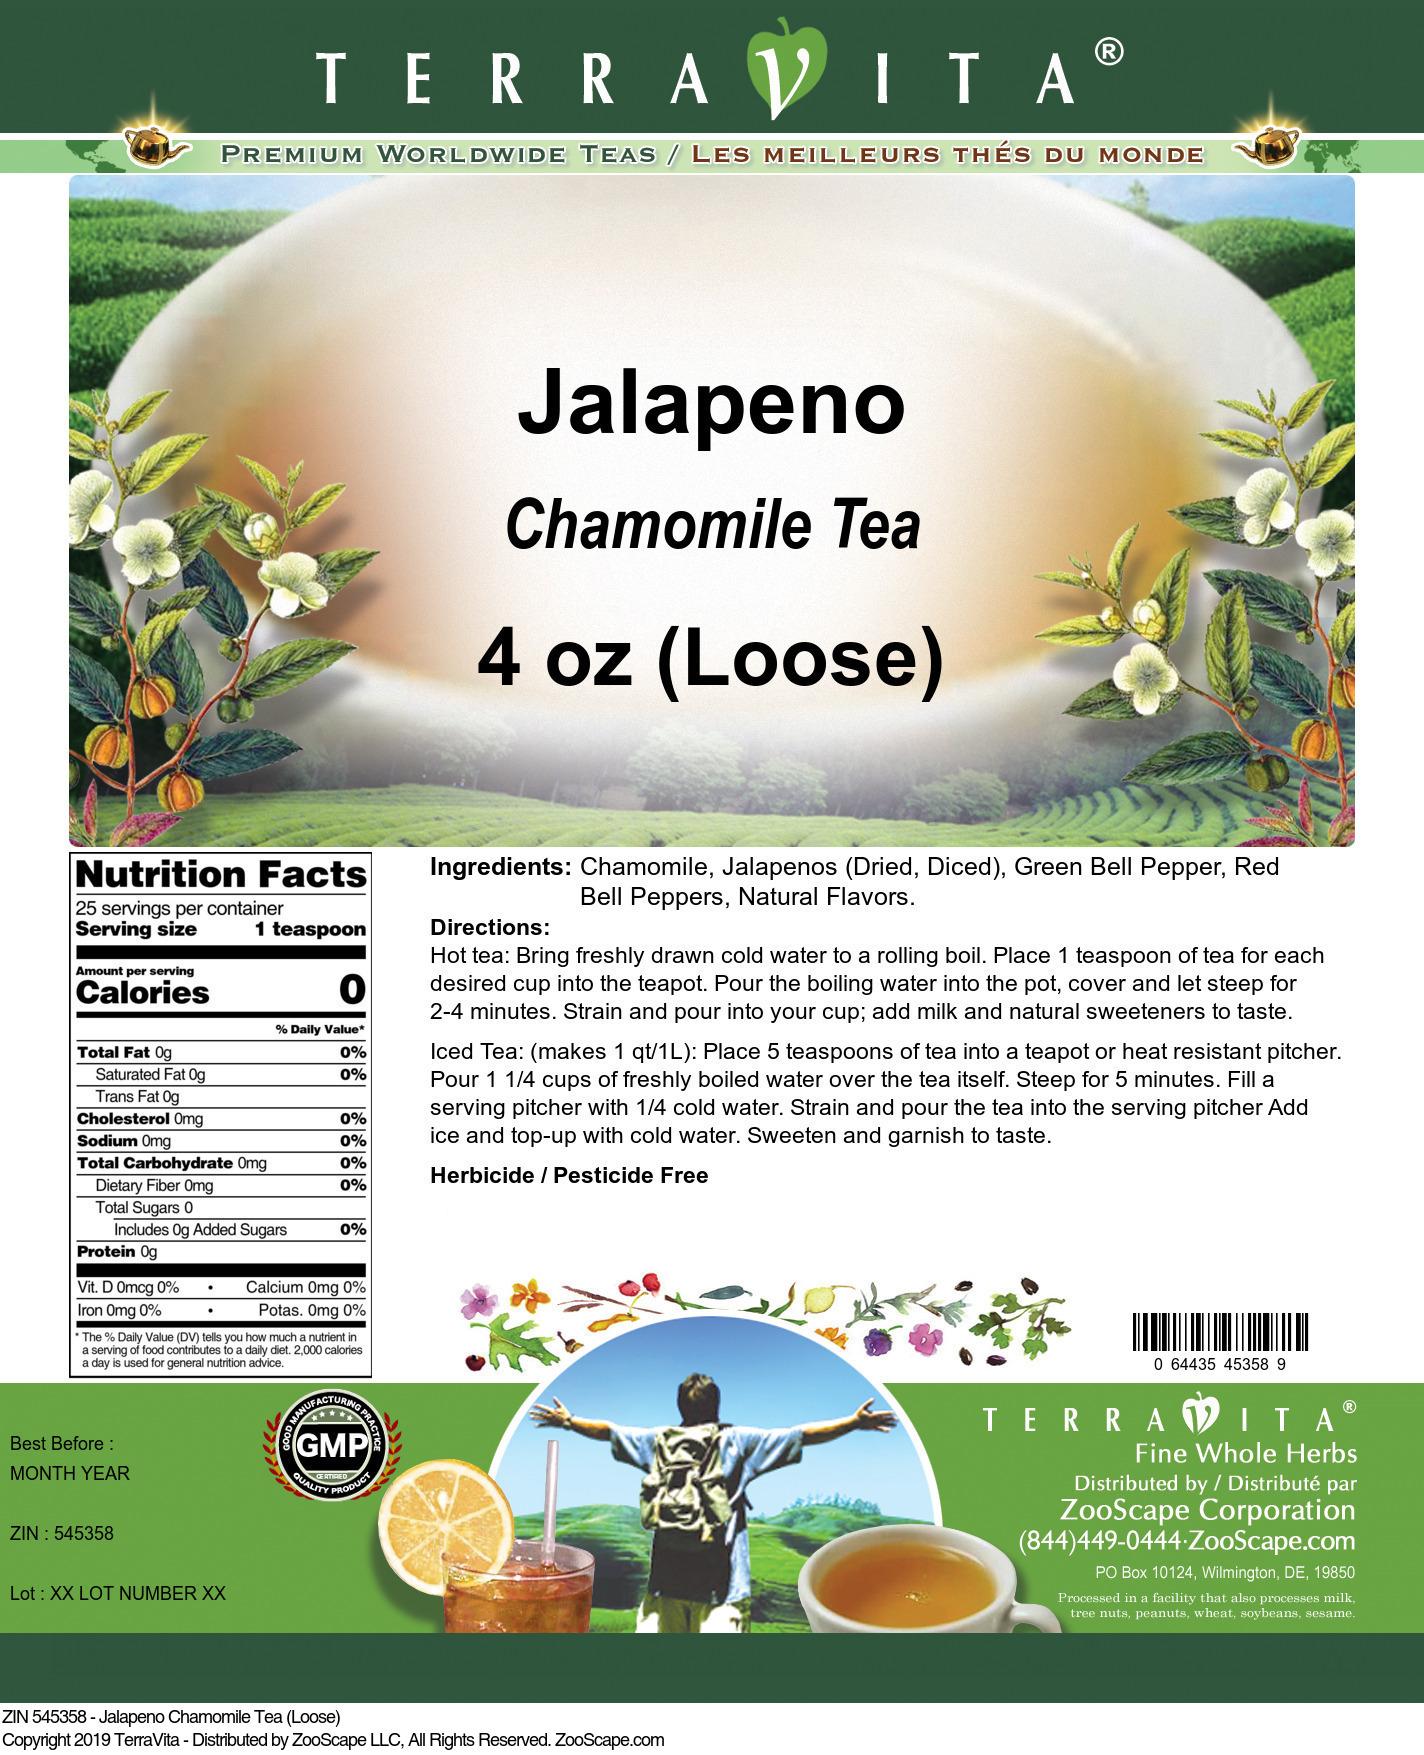 Jalapeno Chamomile Tea (Loose)